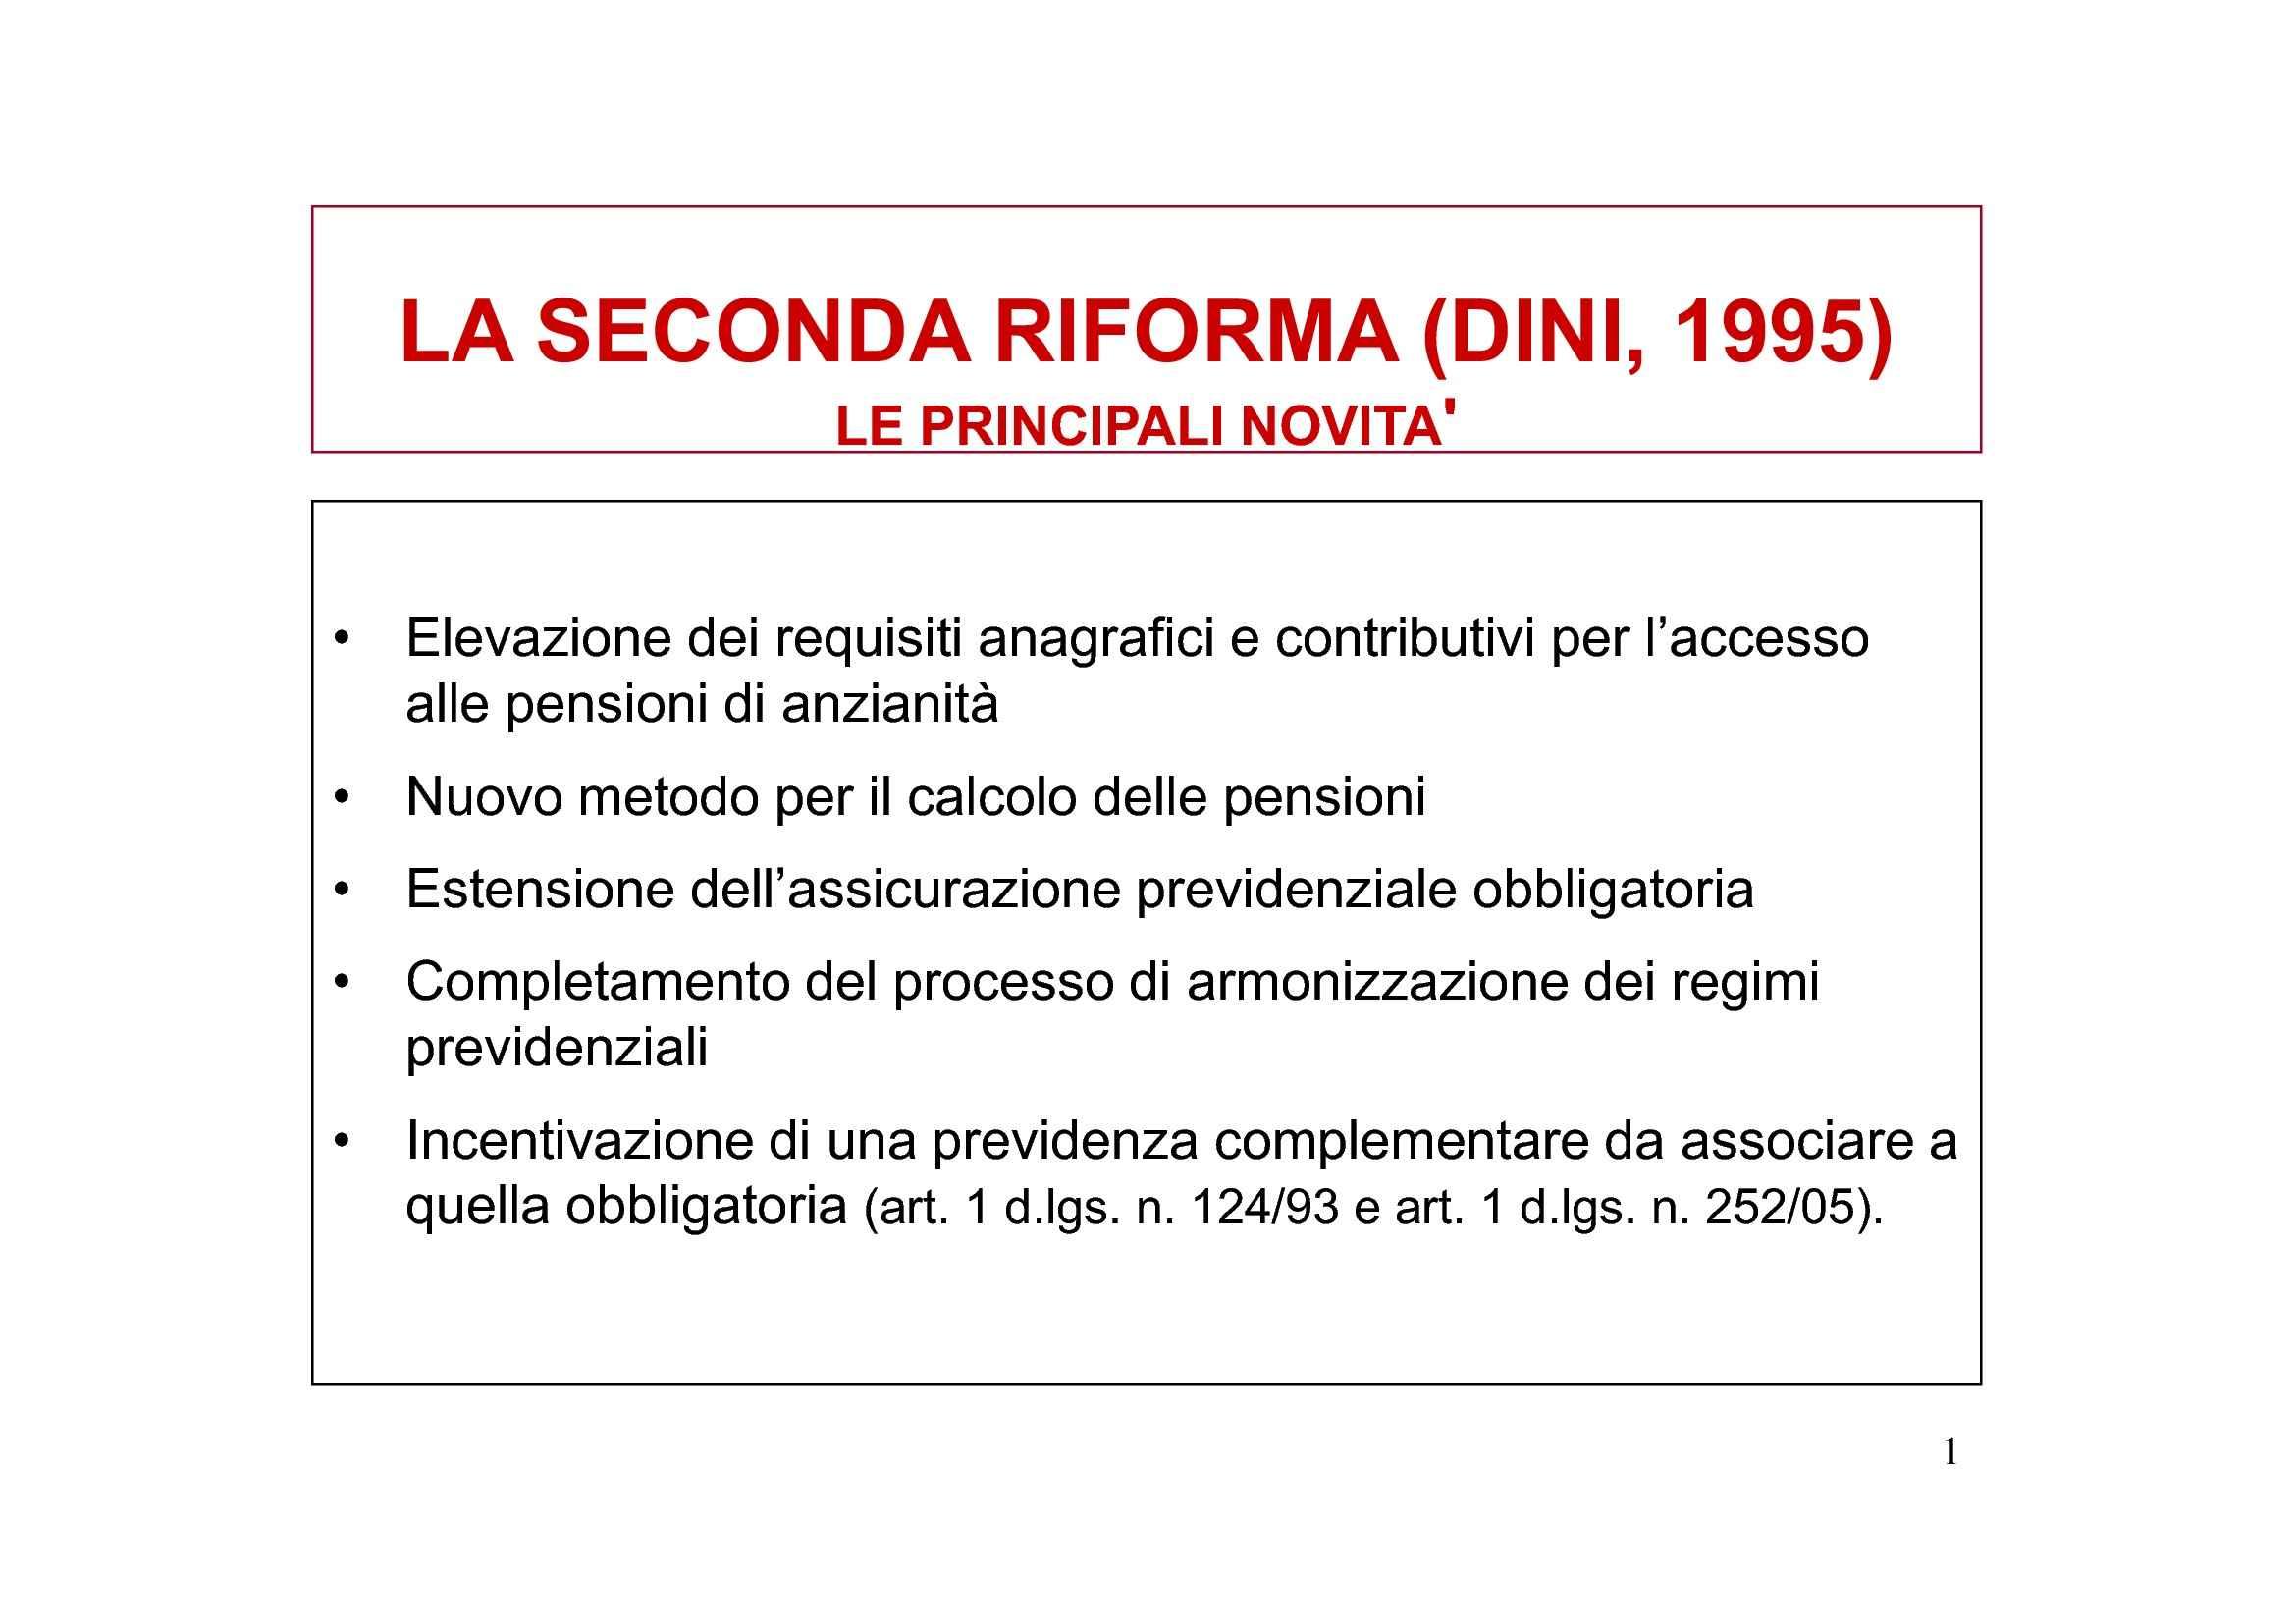 Sistema pensionistico dalla Riforma Dini alla legge 122/2010